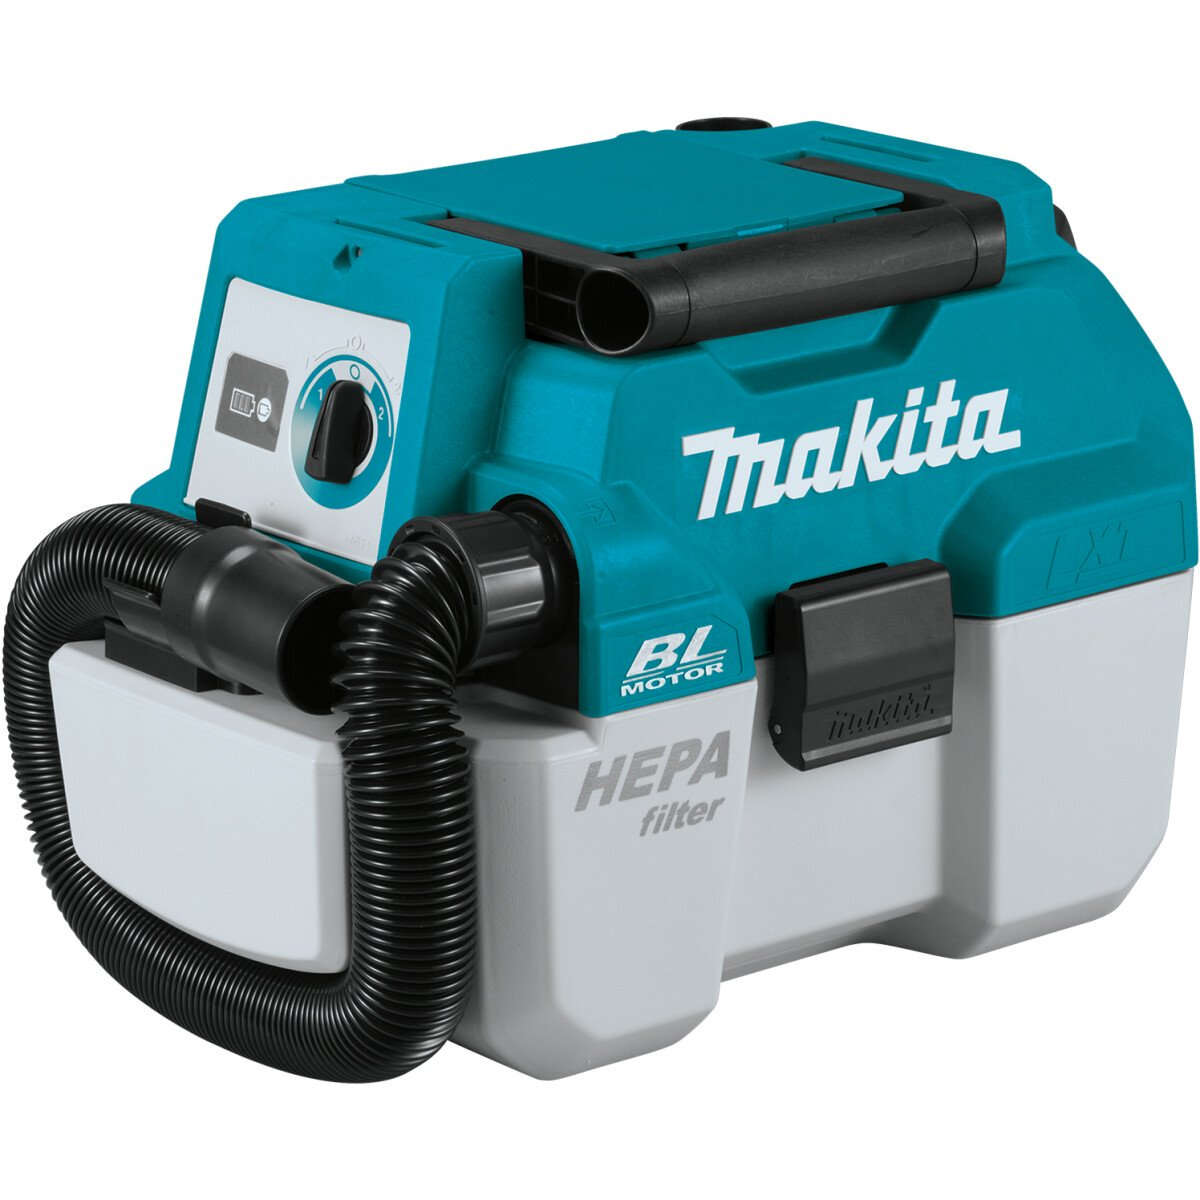 Makita DVC750LZ Body Only 18V Brushless Vacuum Cleaner LXT